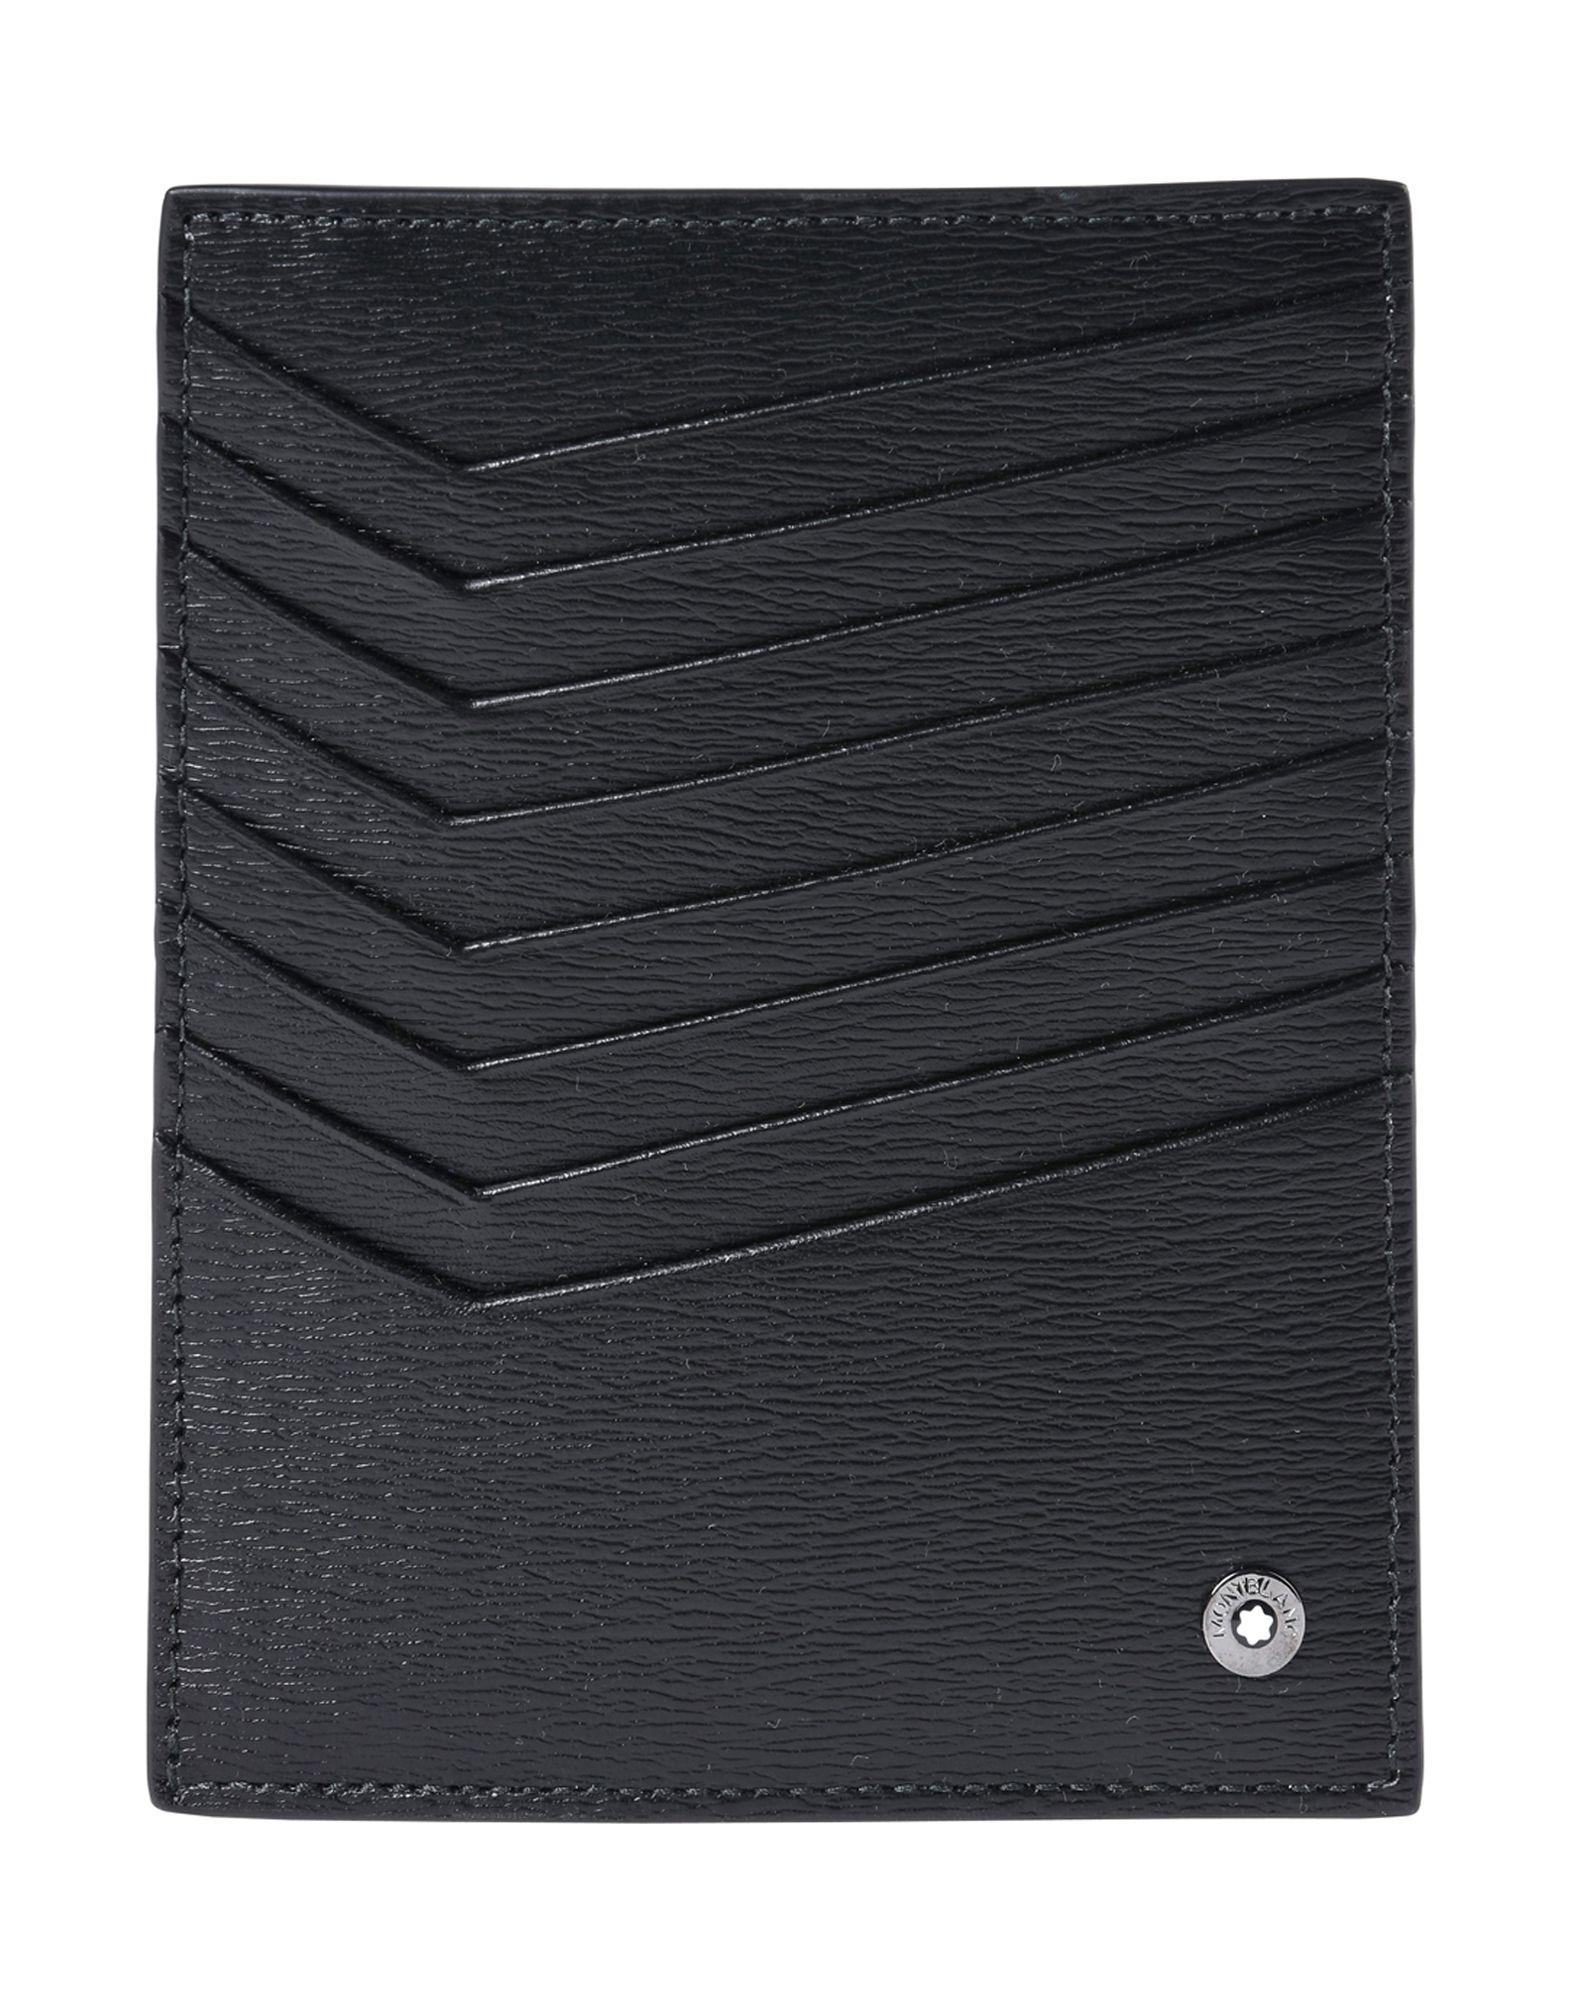 《送料無料》MONTBLANC メンズ ドキュメントホルダー ブラック 柔らかめの牛革 Long Pocket 8cc